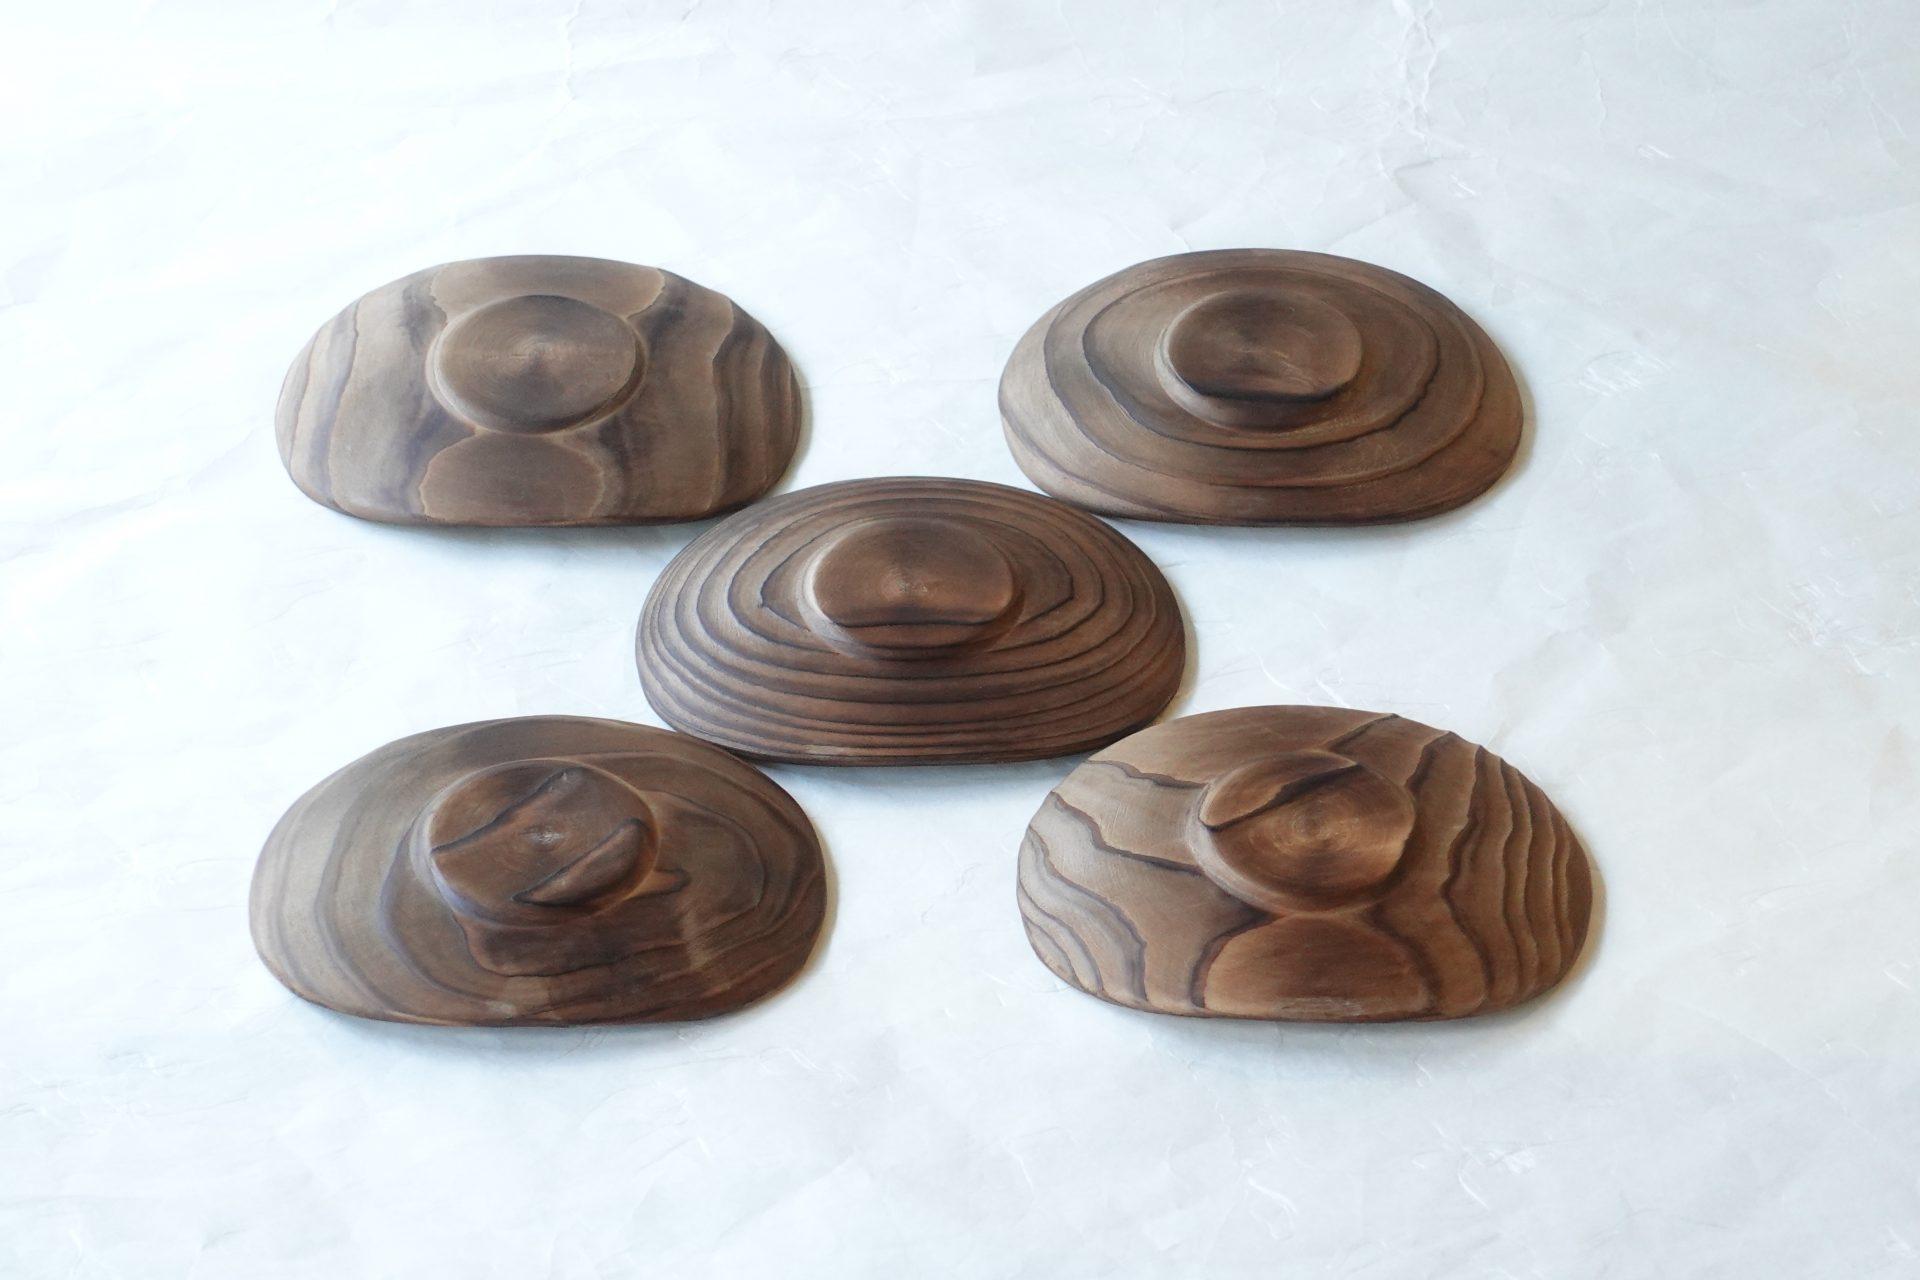 漆器 山中塗 焼杉 くりぬき 4.5寸 小判型 茶托 5客揃 杉の木 楕円形 自然の木目 ごまかしようがない 本格的 すべて木目が異なる 杉の表面を焼く 耐久性が上がる 軽い 薄手 繊細さ 高い技術 木の感触 スタイリッシュ 持ちやすい 日本製 陶器 磁器 陶磁器 漆器 茶道具 華道具 贈り物 ギフト 記念品 引出物 法要 お返し 専門店 リアル店舗 茶の湯 茶道 裏千家 表千家 茶会 月釜 抹茶 高品質 安らぎ いやし よりおいしく 安心 機能的 長持ち 人気 おすすめ 高機能 ネット通販 ネットショップ セレクトショップ 欲しい 購入 買う 買い物 岐阜県 岐阜市 美殿町 小林漆陶 特別な 選び抜かれた 品質重視 使いやすい 格安 老舗 誕生日 結婚 出産 入学 退職 母の日 父の日 敬老の日 クリスマス プレゼント 叙勲 長寿 新築 お祝い 御礼 内祝い 外国土産 海外みやげ 実店舗 創業100年以上 使うと分かる 職人技 日本一の品揃え 日本一の在庫数 専門店 専門知識 数万点の在庫 百貨店(高島屋 三越 伊勢丹 松坂屋 大丸)にない 手作り お洒落 高級品 希少価値 上質な器 伝統工芸品 コスパ お値打ち お買い得 堅牢 飽きない 永く使える お気に入り 国産 料理が映える 満足感 豊かな食生活 豊かな食文化 こだわりの器 日本文化 他にない ここにしかない オリジナル 独自の 個性的 ここでしか買えない 超レアもの 一品もの 現品限り 入手困難 いい器 匠の技 美しい 実用的 外人が喜ぶ店 外人が珍しがる店 外人がうれしい店 日本各地の一級品を売る店 日本全国の器を売る店 本当にいいもの コスパ高い 一流品 修理 選りすぐりの逸品 周年記念 永年勤続表彰 退職記念 卒業記念 日本土産 岐阜土産 岐阜のおみやげ 岐阜の特産品 料理を引き立てる器 高級店 一流店 岐阜で一番 東海で一番 中部で一番 日本で一番 おしゃれな店 地域一番店 実店舗